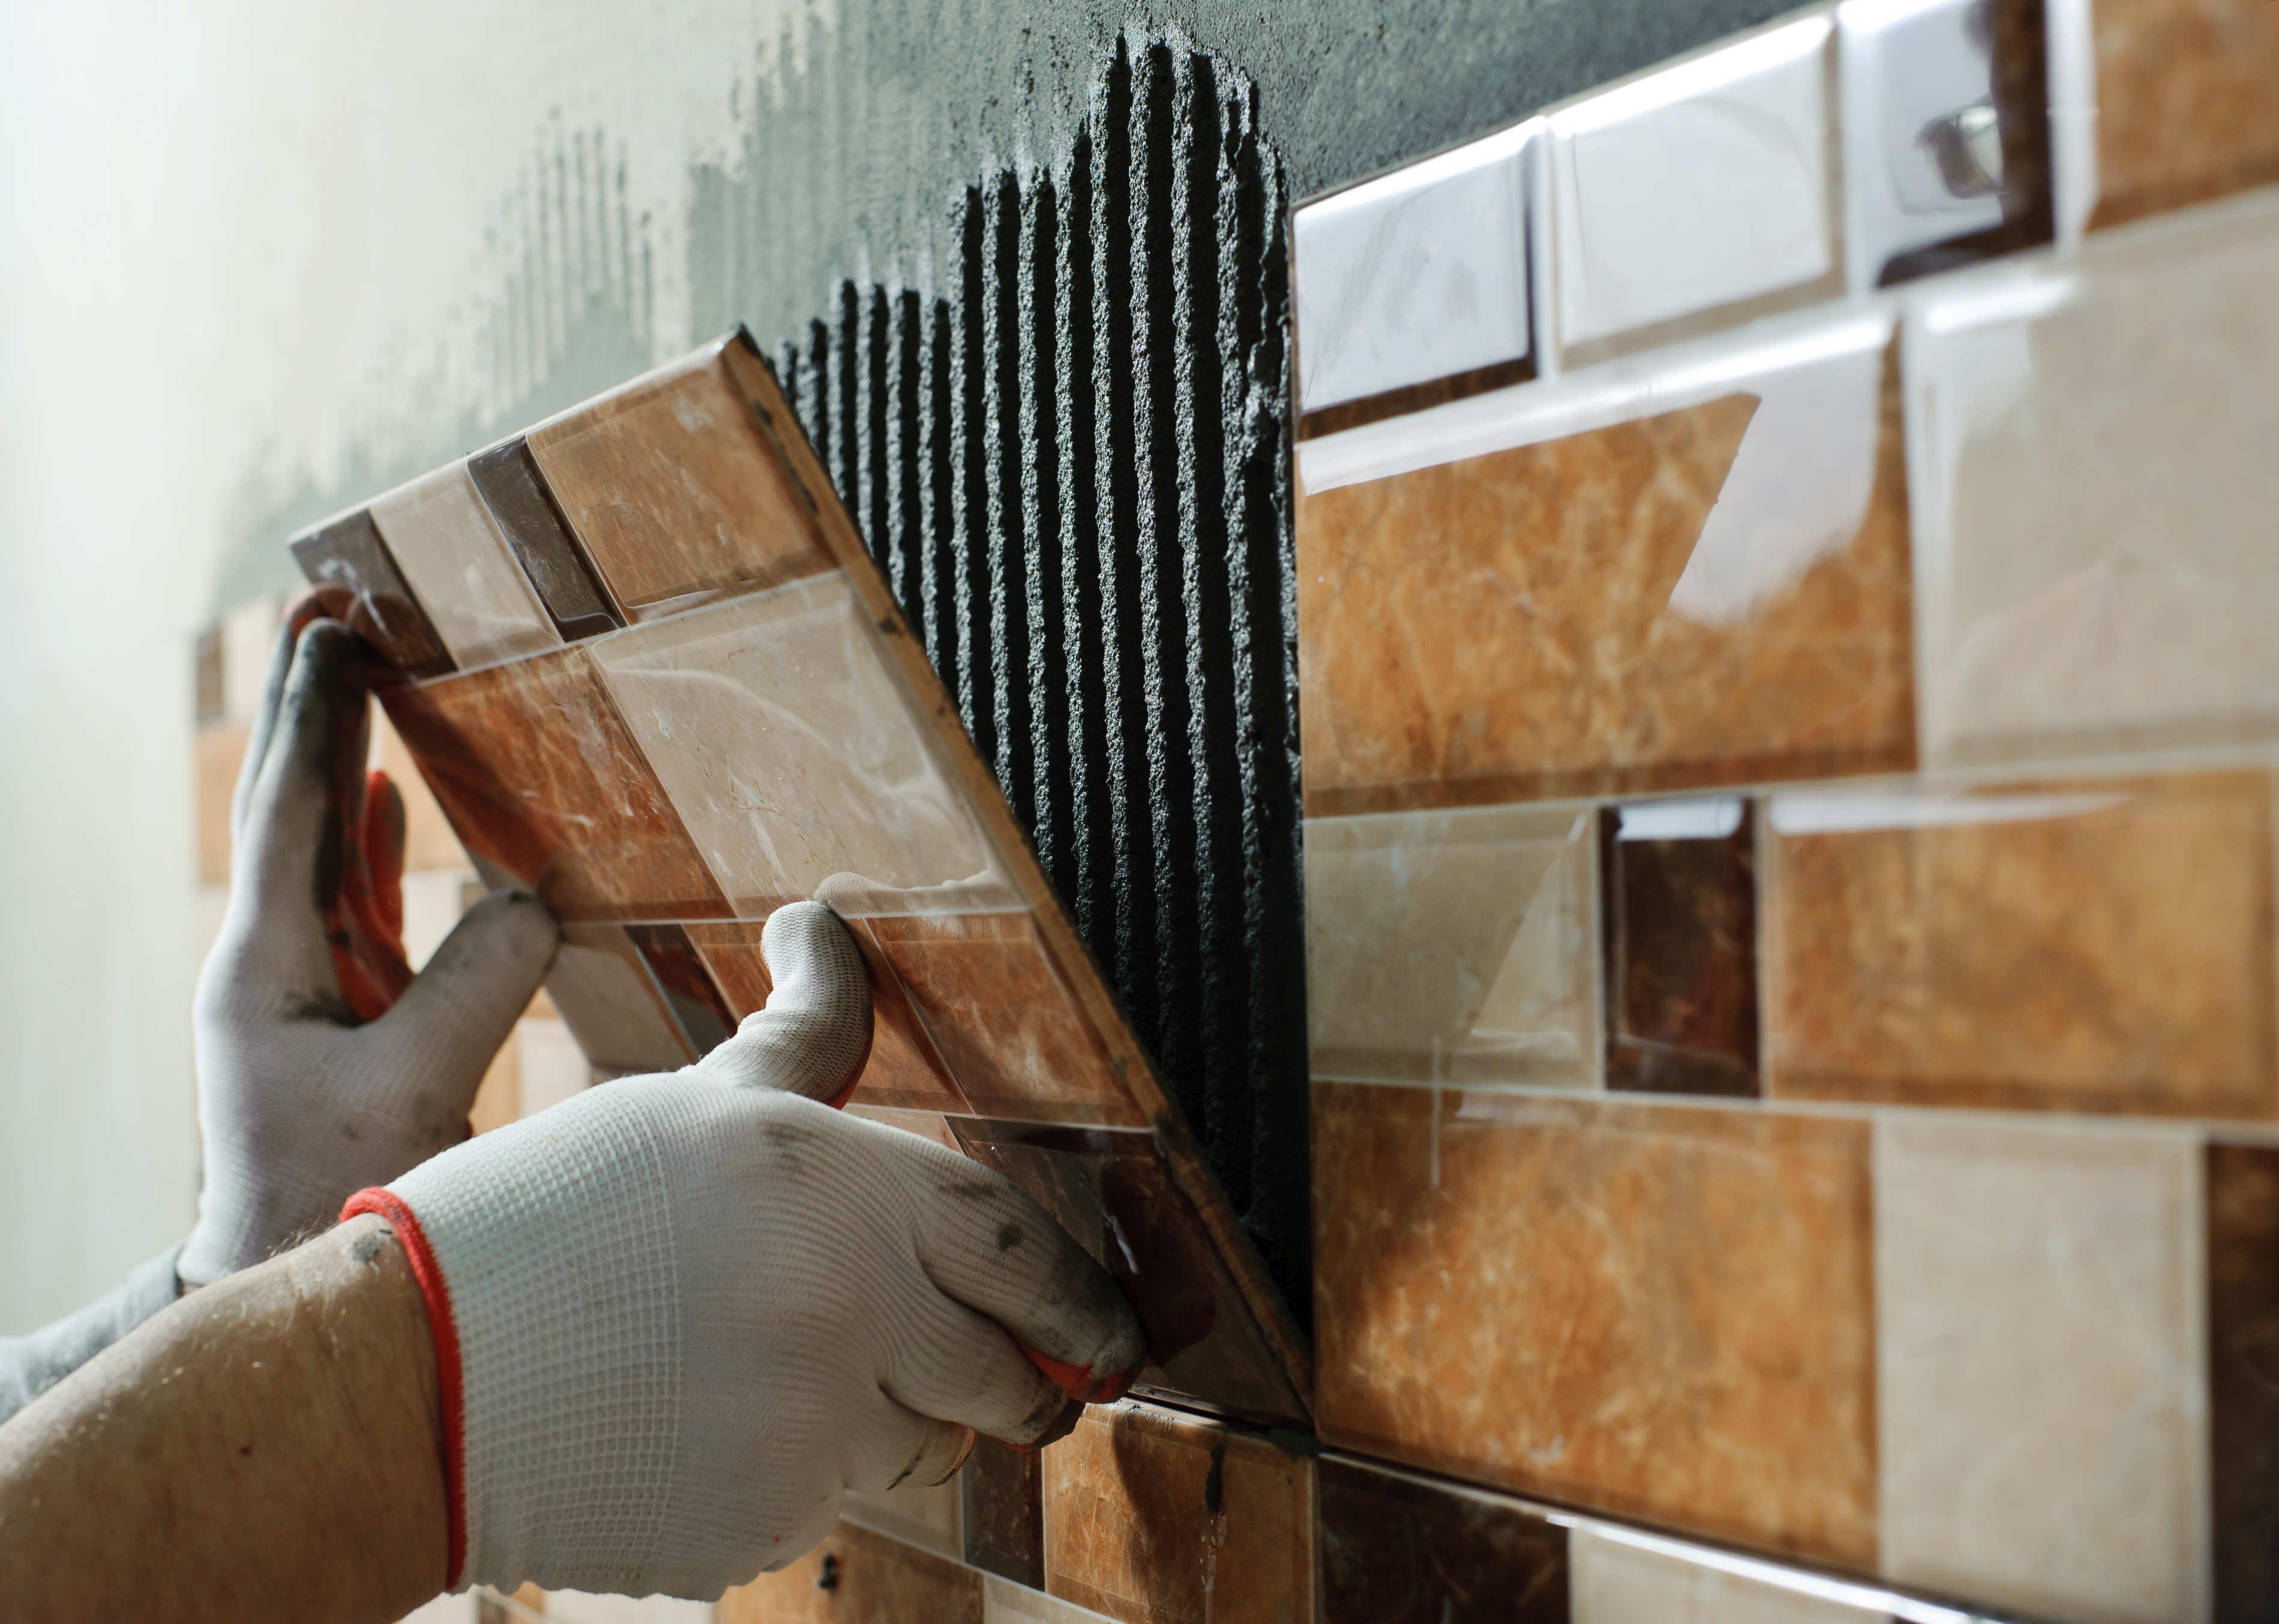 materiais de acabamento, empresas do setor materiais de acabamento, empresas do segmento materiais de acabamento, setor materiais de acabamento, segmento materiais de acabamento, economia, macroeconomia